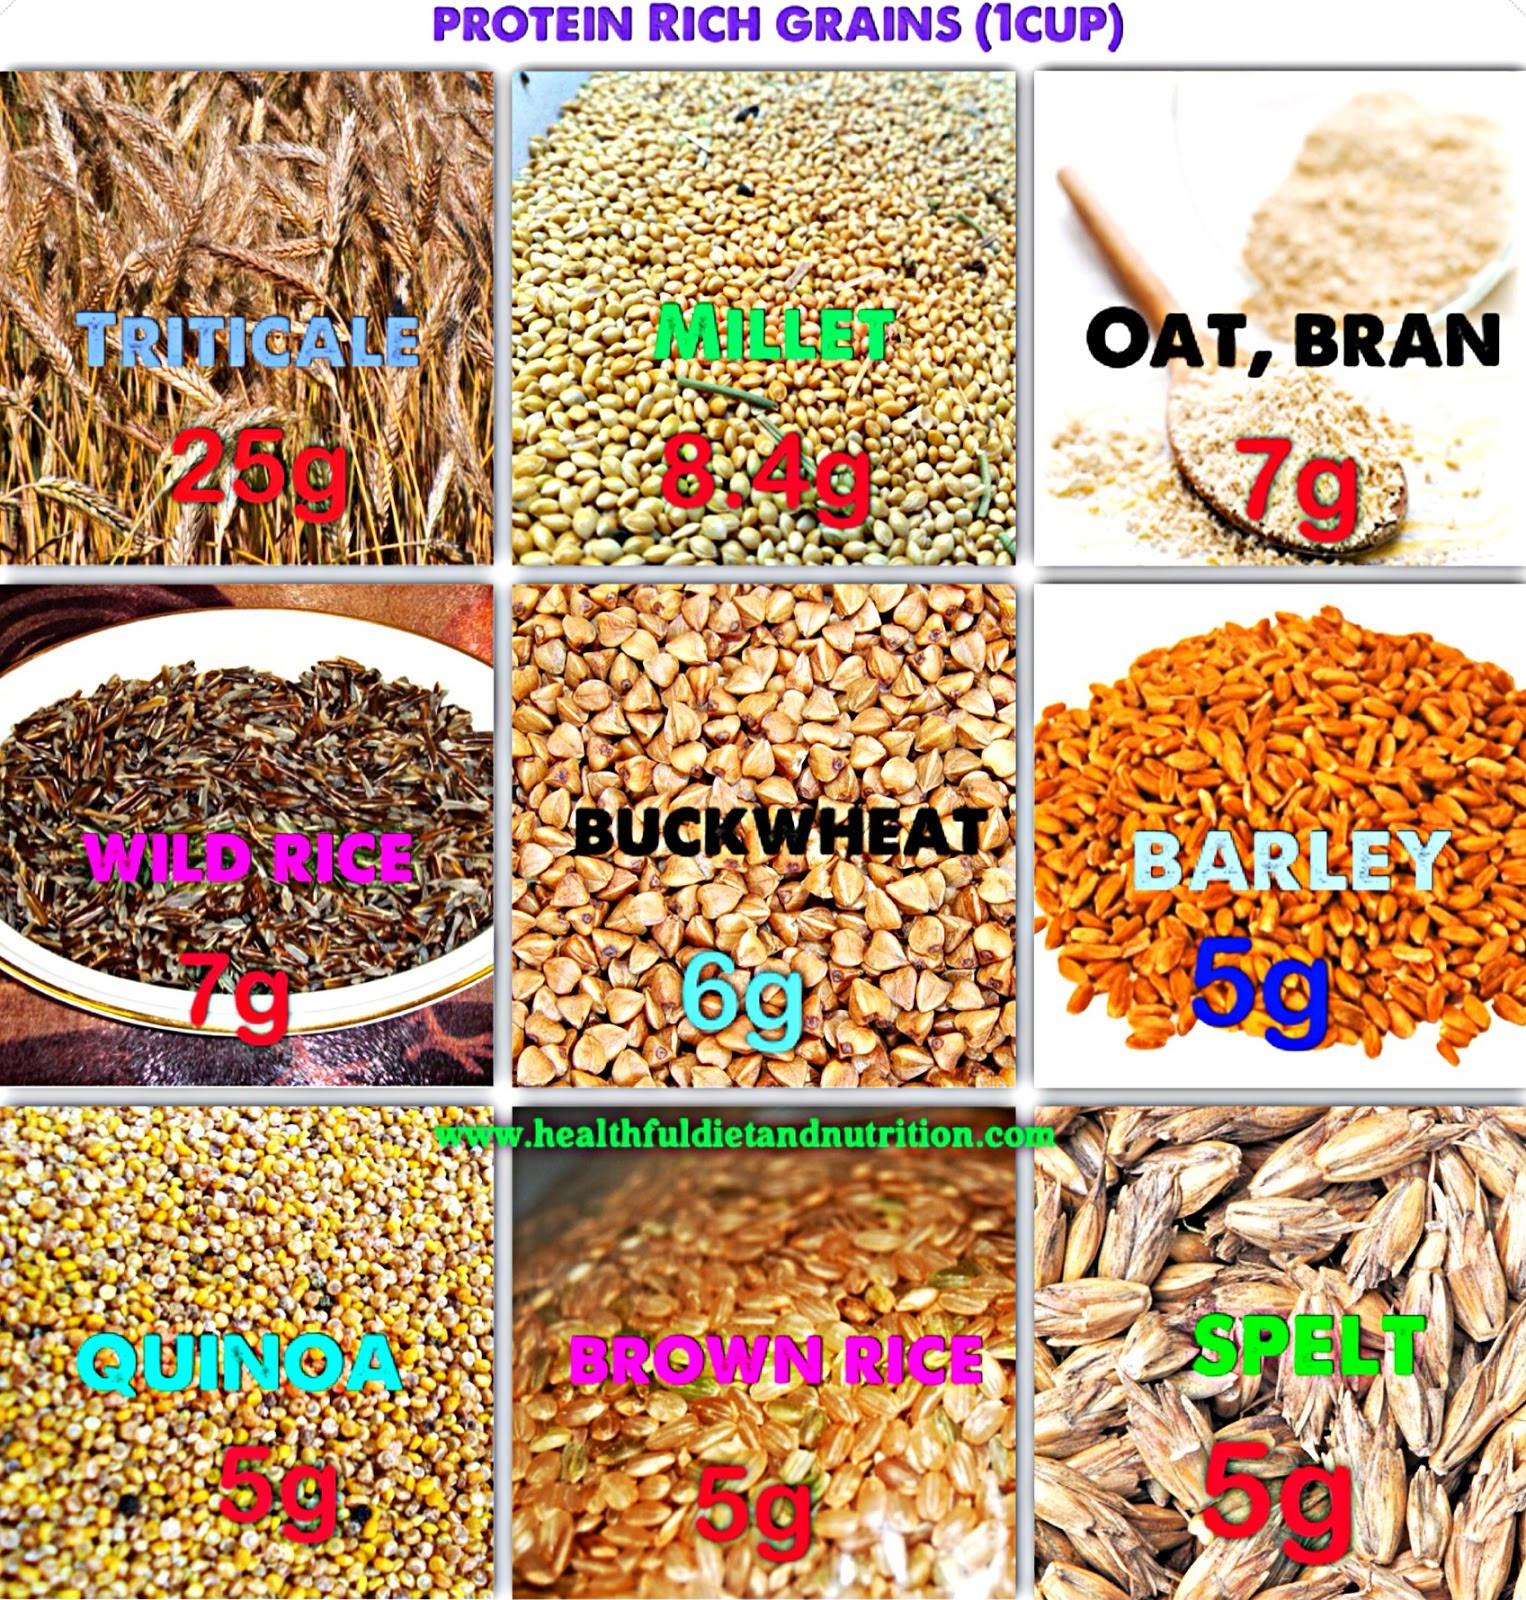 Protein Rich Grains